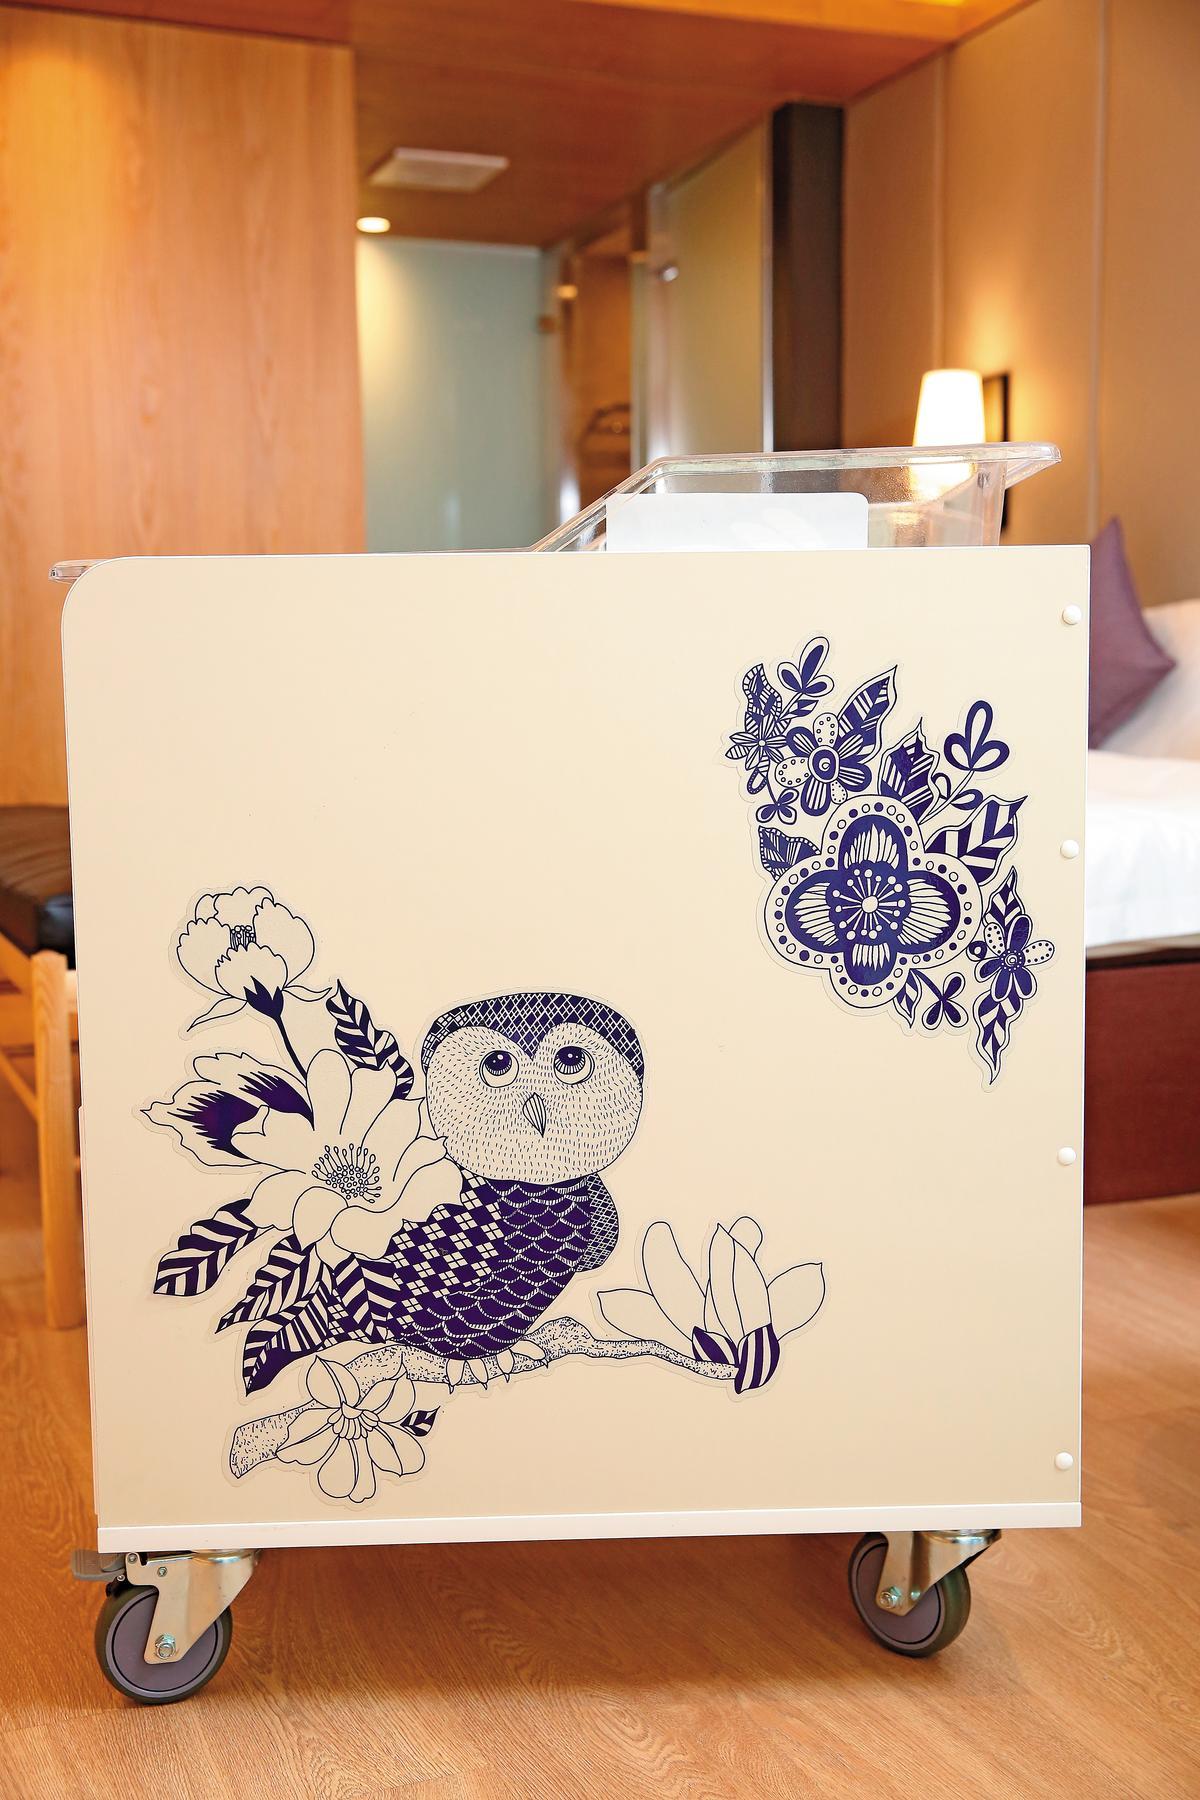 王翠瑛請留法藝術家設計幸運物「貓頭鷹」,代表福氣和長壽,設計師的設計概念是「人類小孩化身為貓頭鷹」。